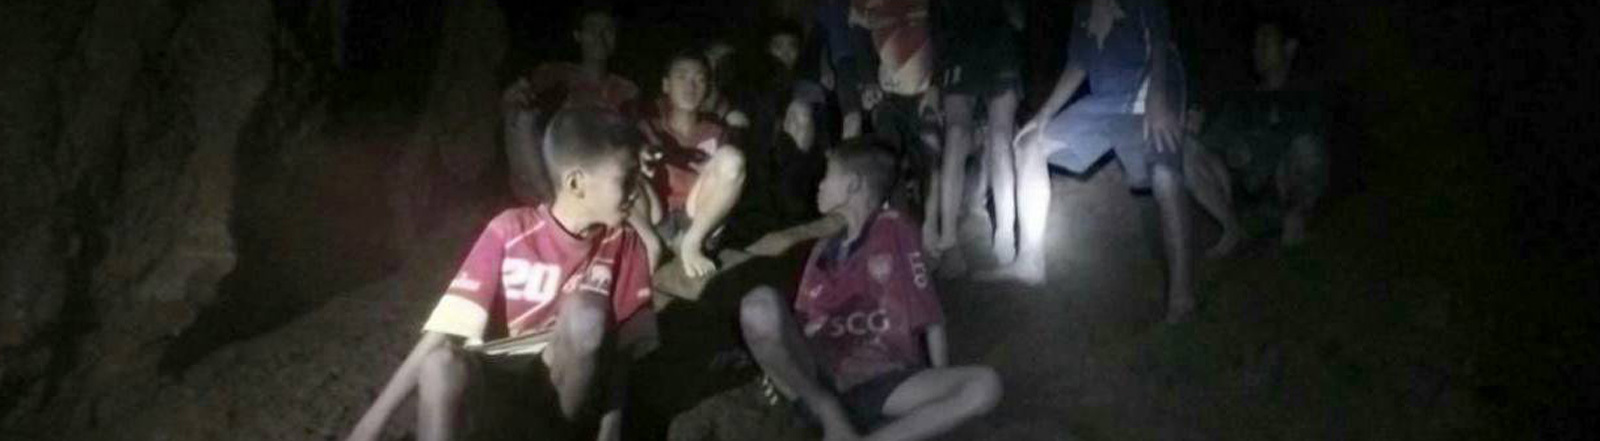 Blick in die Höhle, in der die Fußballmannschaft und ihr Trainer gefangen sind. Ihre Gesichter werden von Taschenlampen der Rettungskräfte angestrahlt (02.07.2018)